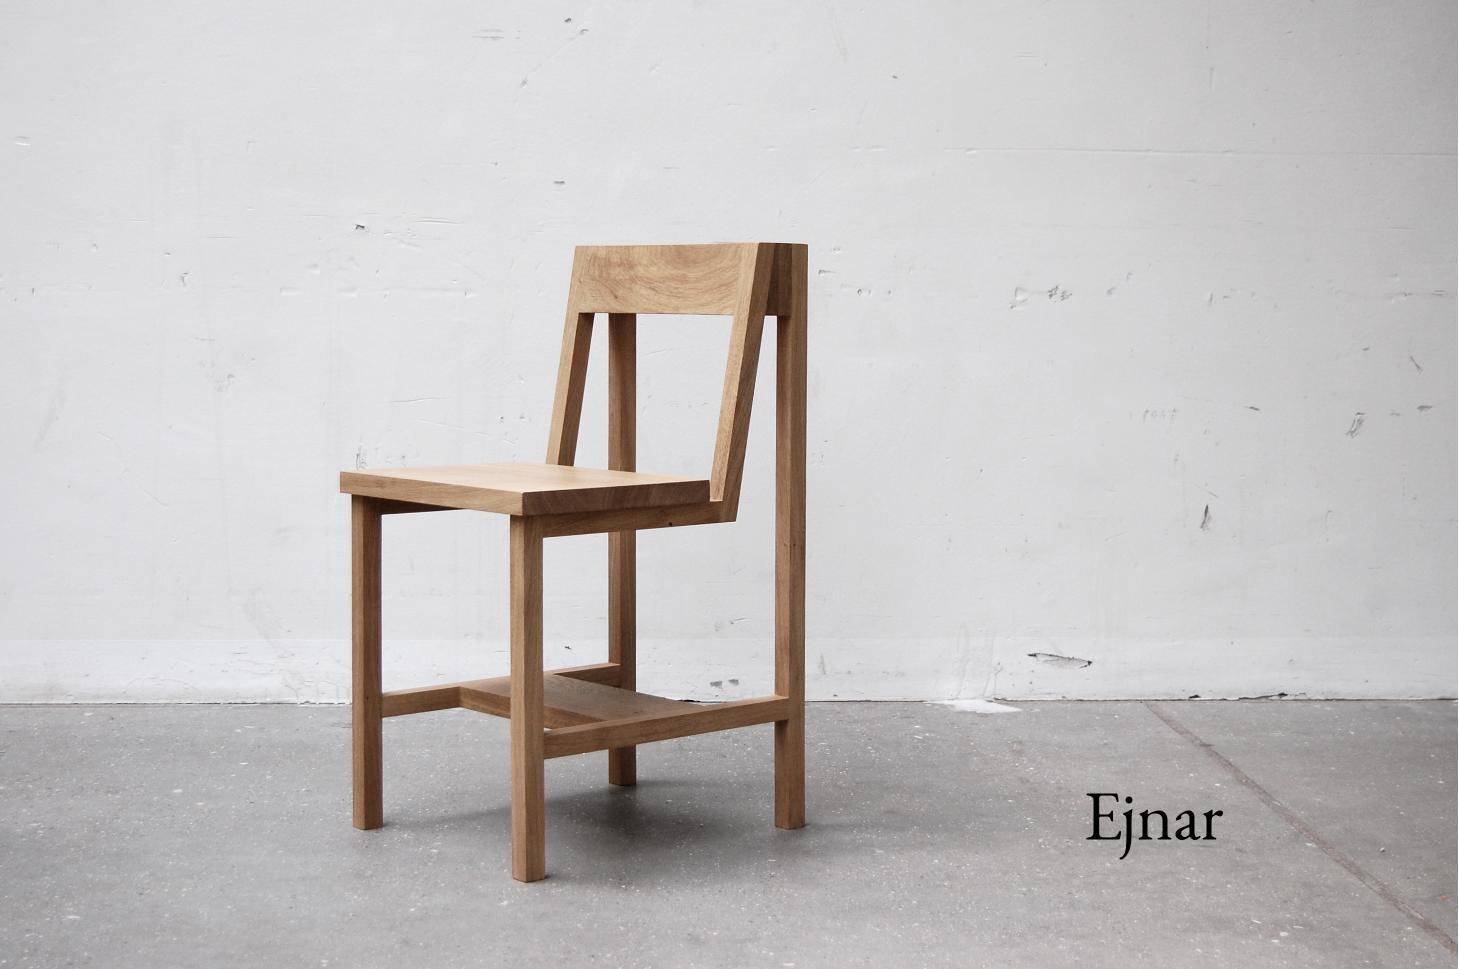 Ejnar-2-Stine Keinicke & Sofie +ÿsterby-page-001.jpg